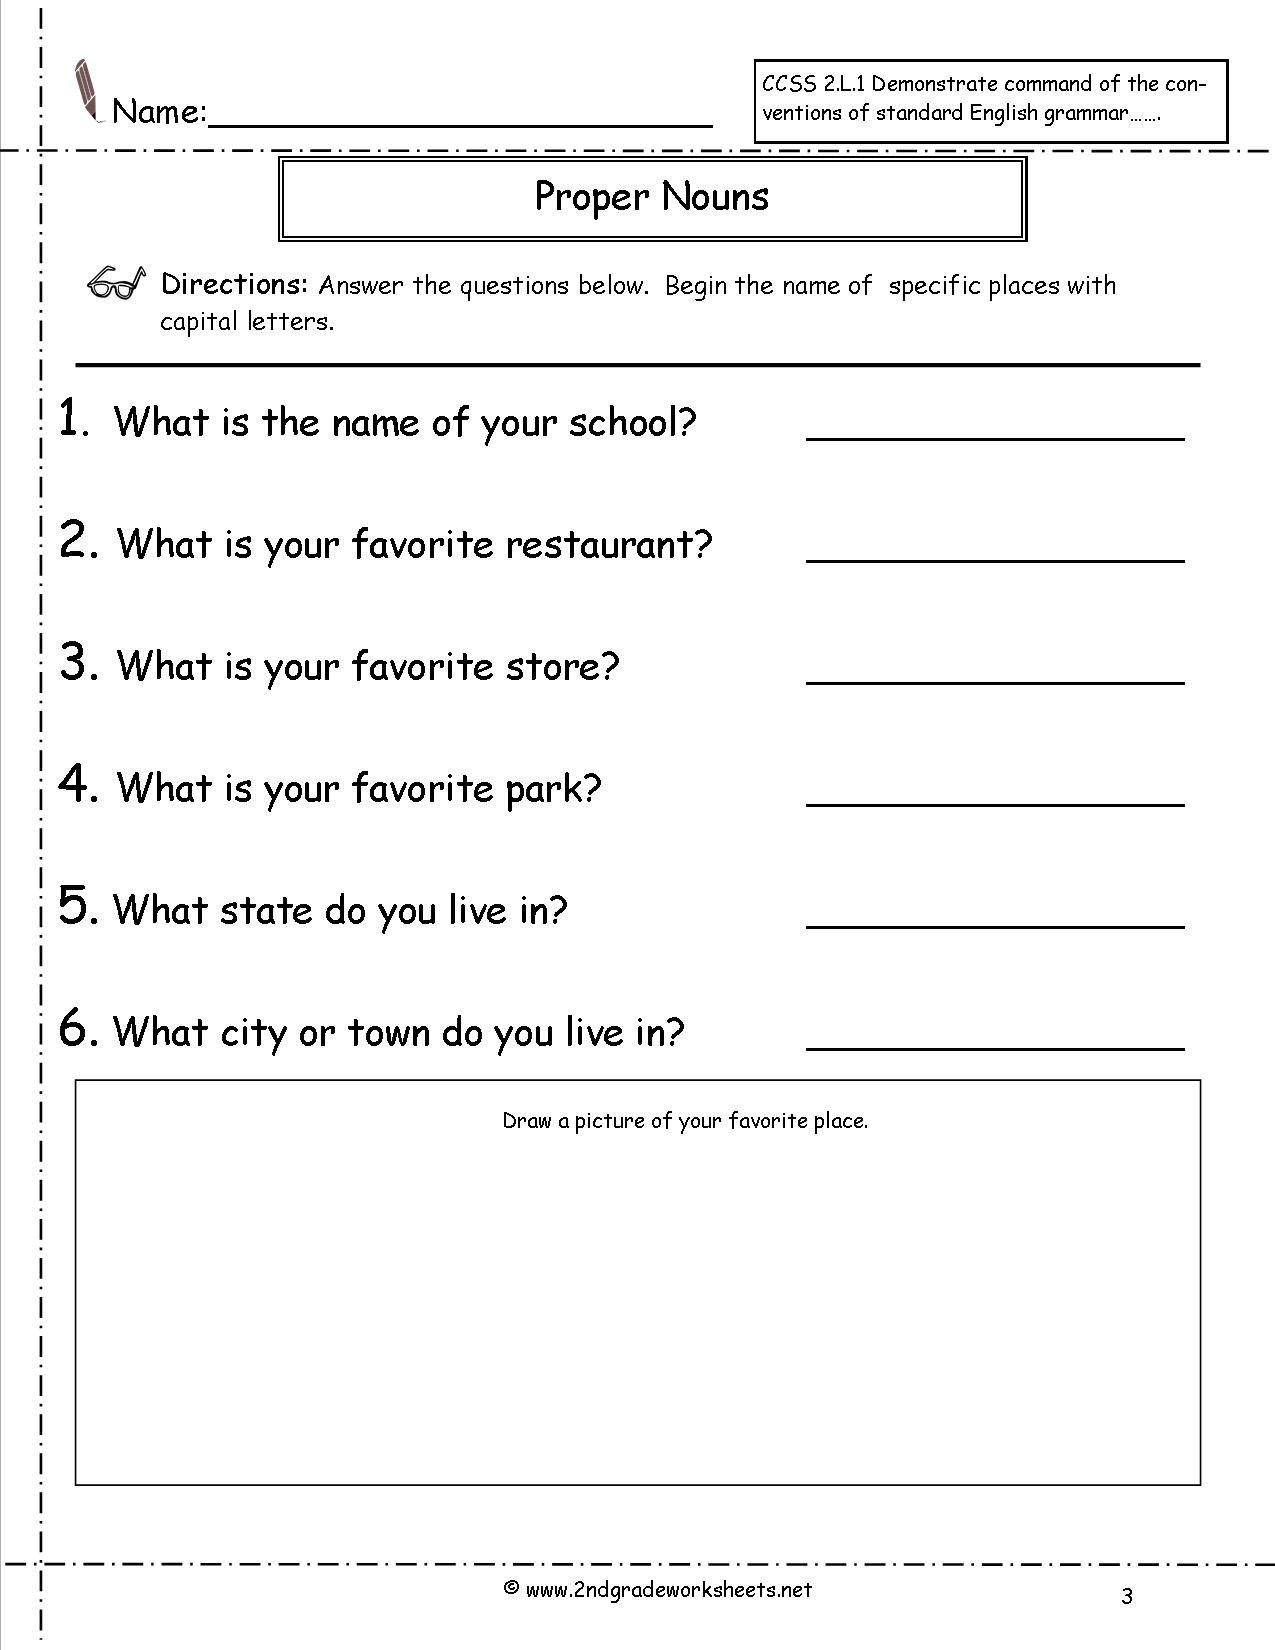 Proper Nouns Worksheet 2nd Grade Worksheets For All Free Worksheets Samples